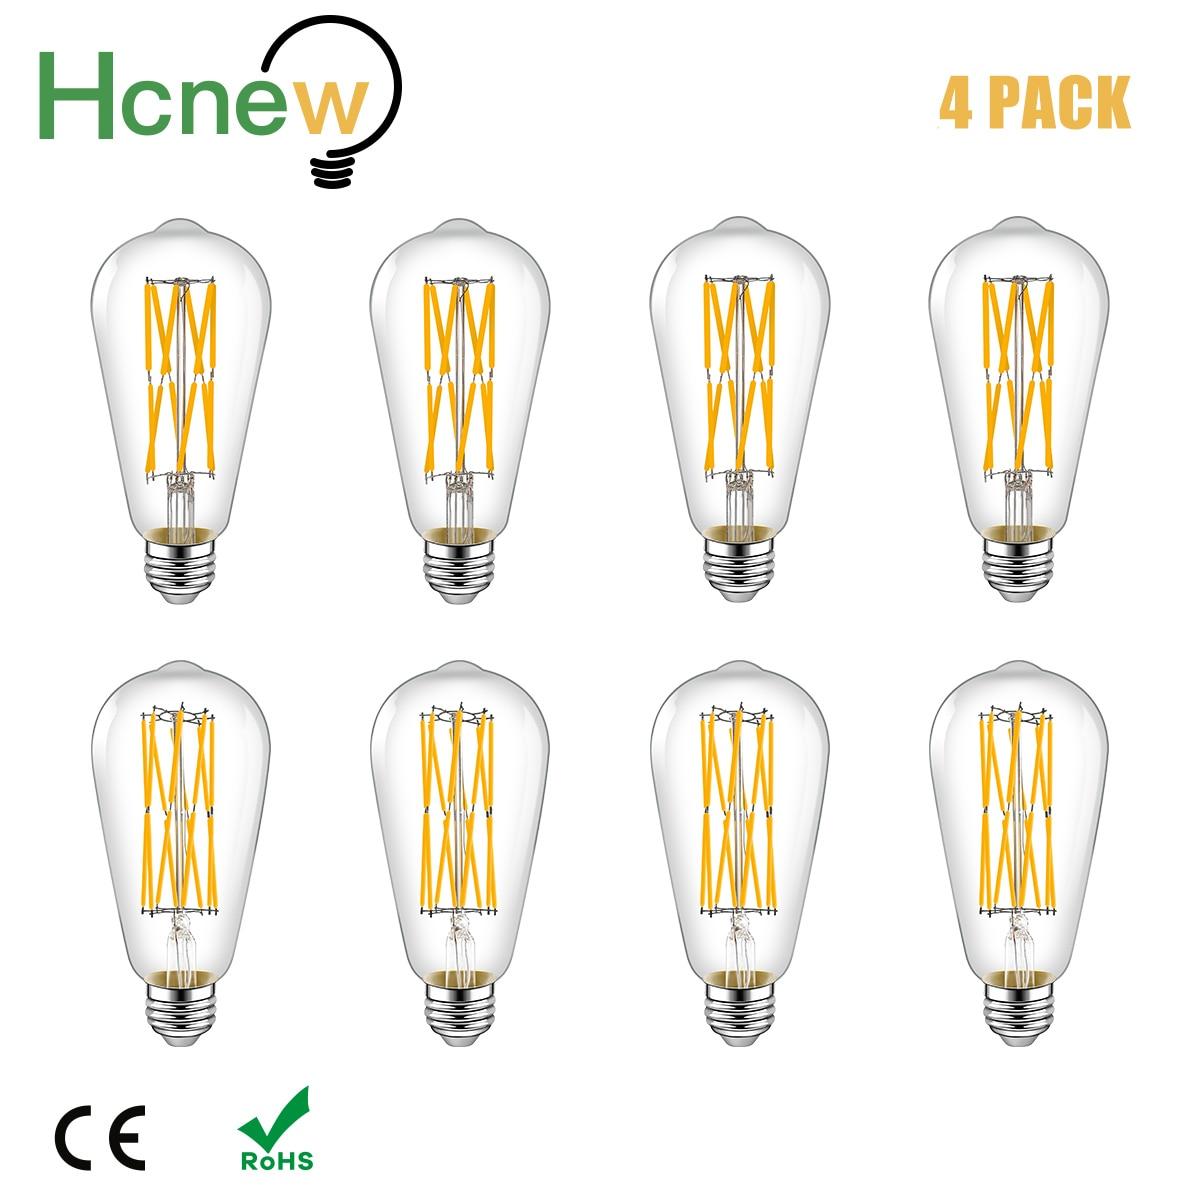 E27 Винтаж светодиодный Лампа накаливания Эдисона ST64 16 Вт накаливания эквивалент 160W декоративные антикварные настенные лампы для дома Ванна...